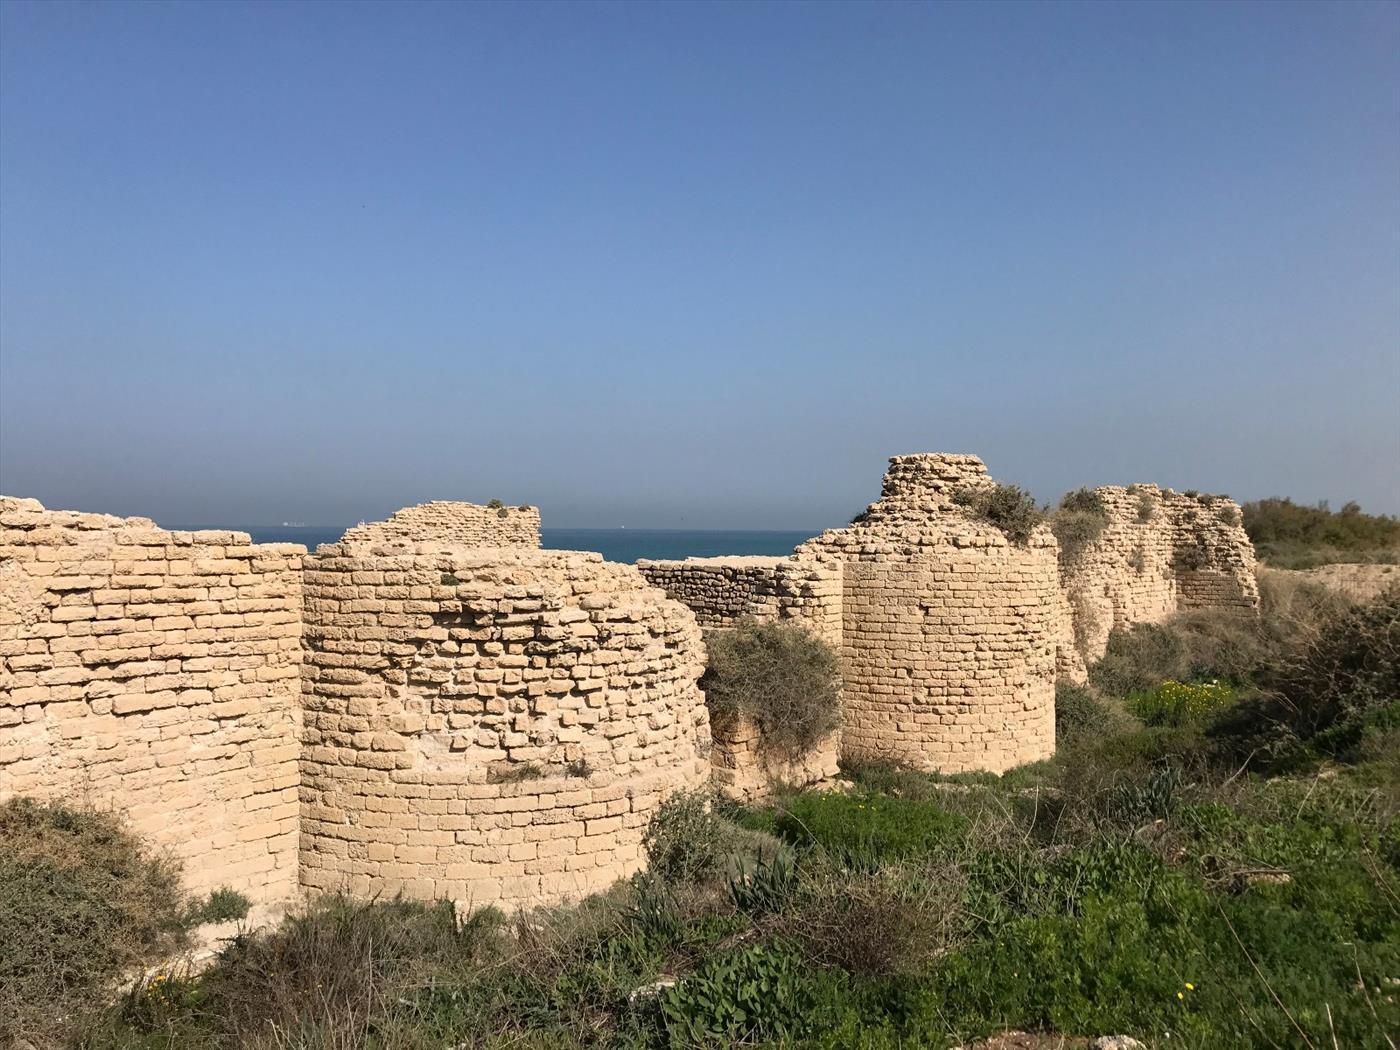 מצודה עתיקה (ניר כהן)